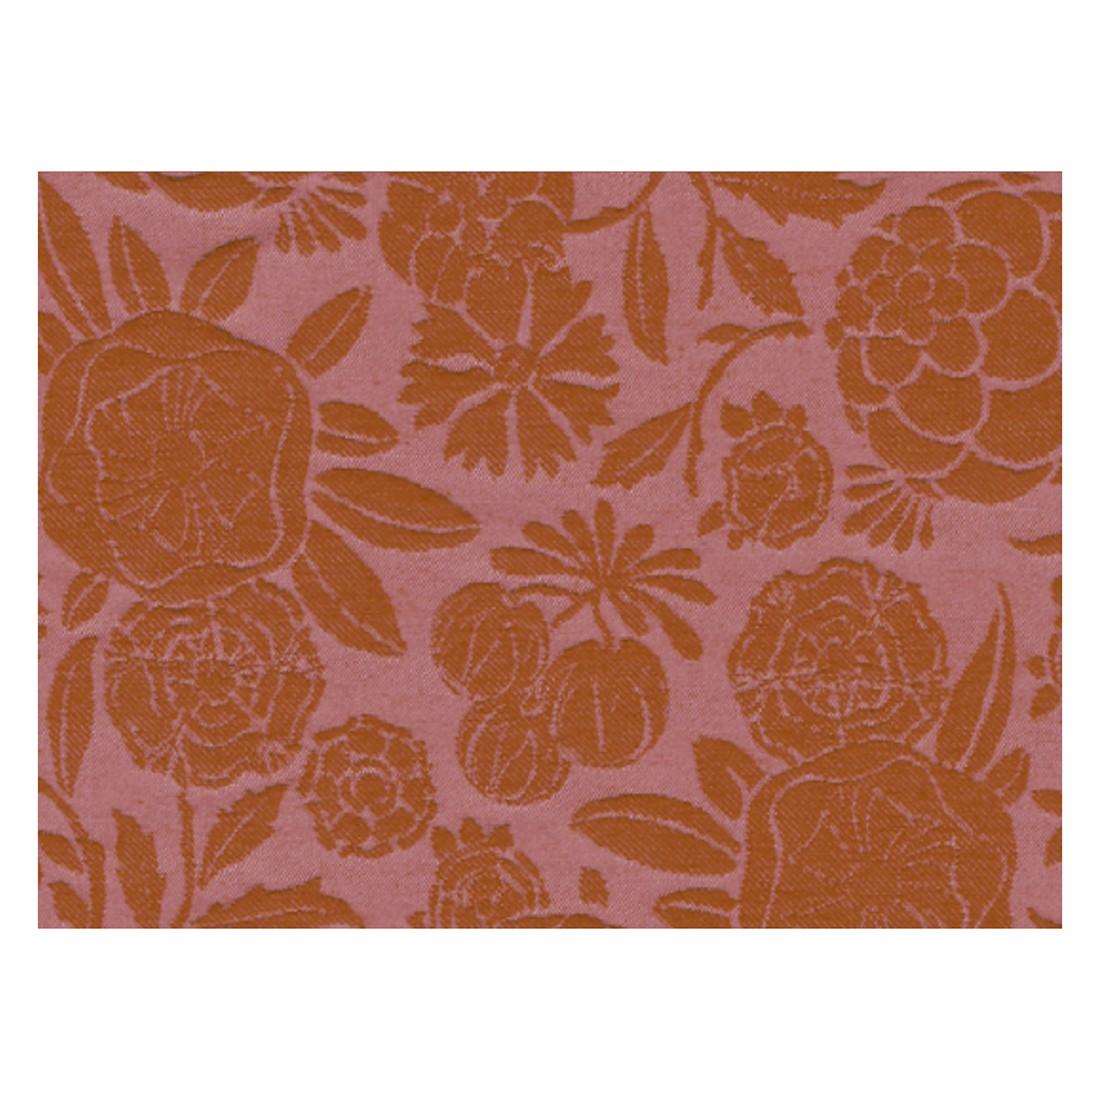 Tischset Flora (2er-Set) – Mandarine, Villeroy&Boch kaufen